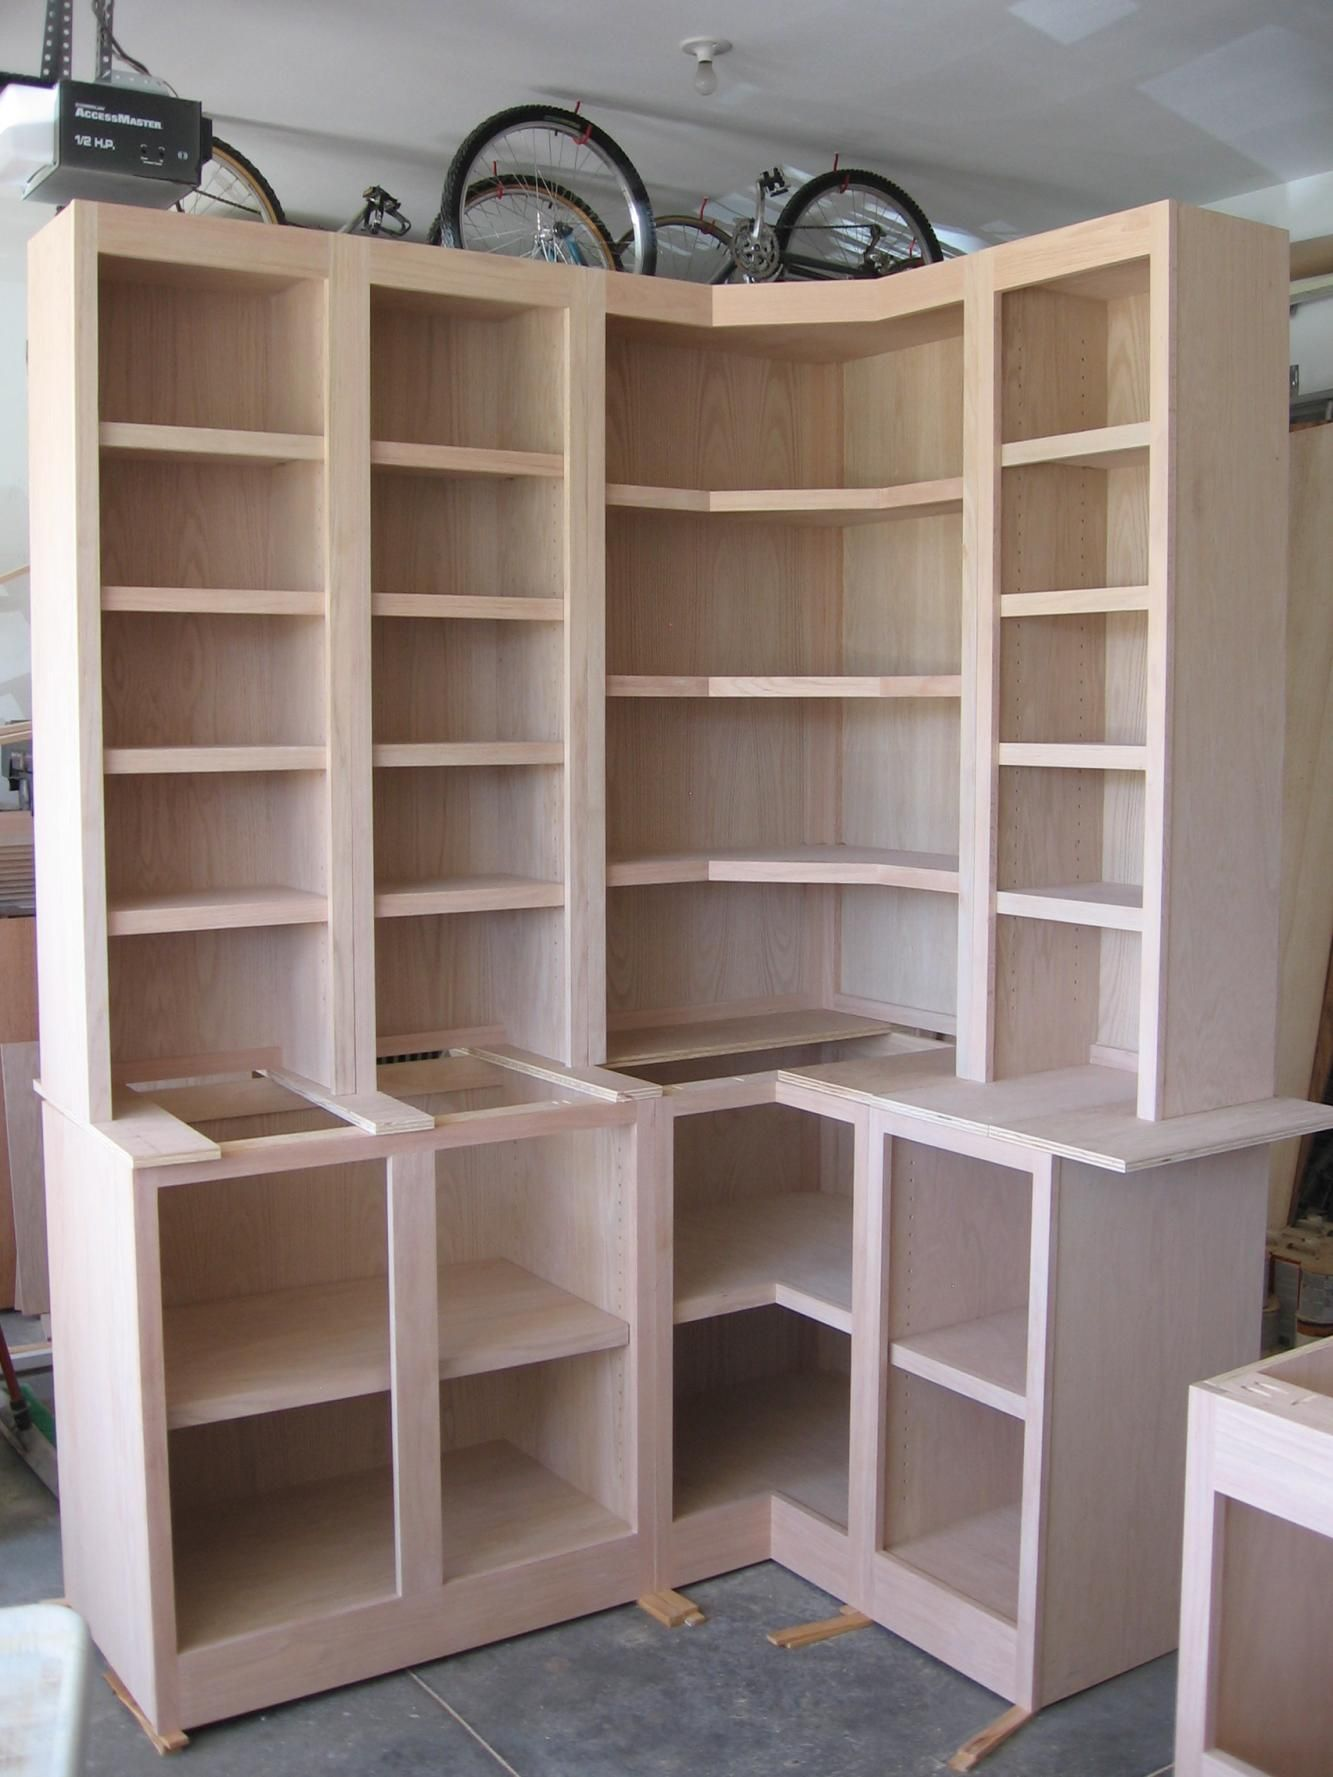 Build a Corner Bookcase Corner W/Bookcases